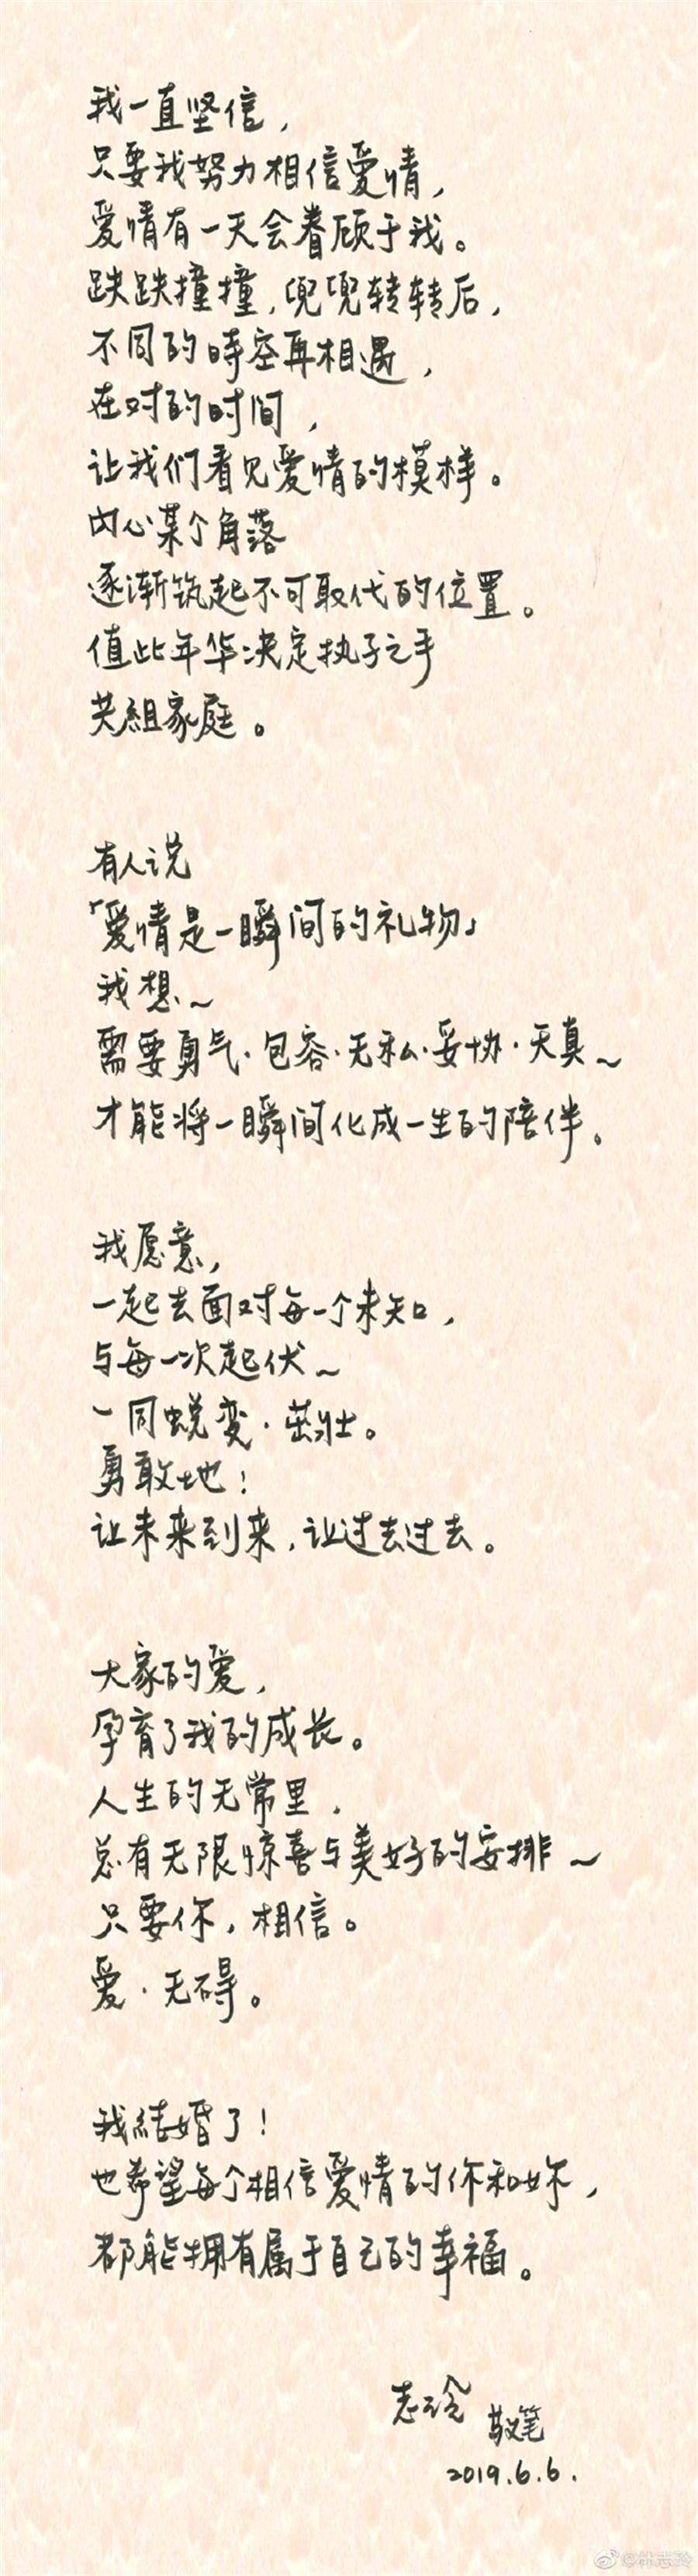 林志玲贴出手写信。(图/翻摄自林志玲微博)